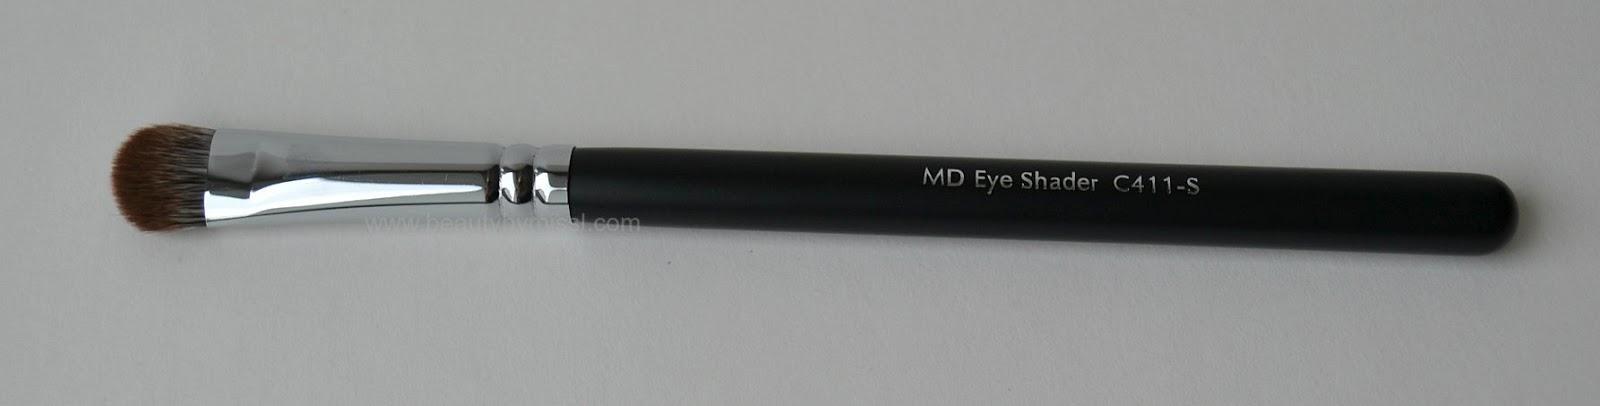 Royal & Langnickel MD Eye Shader